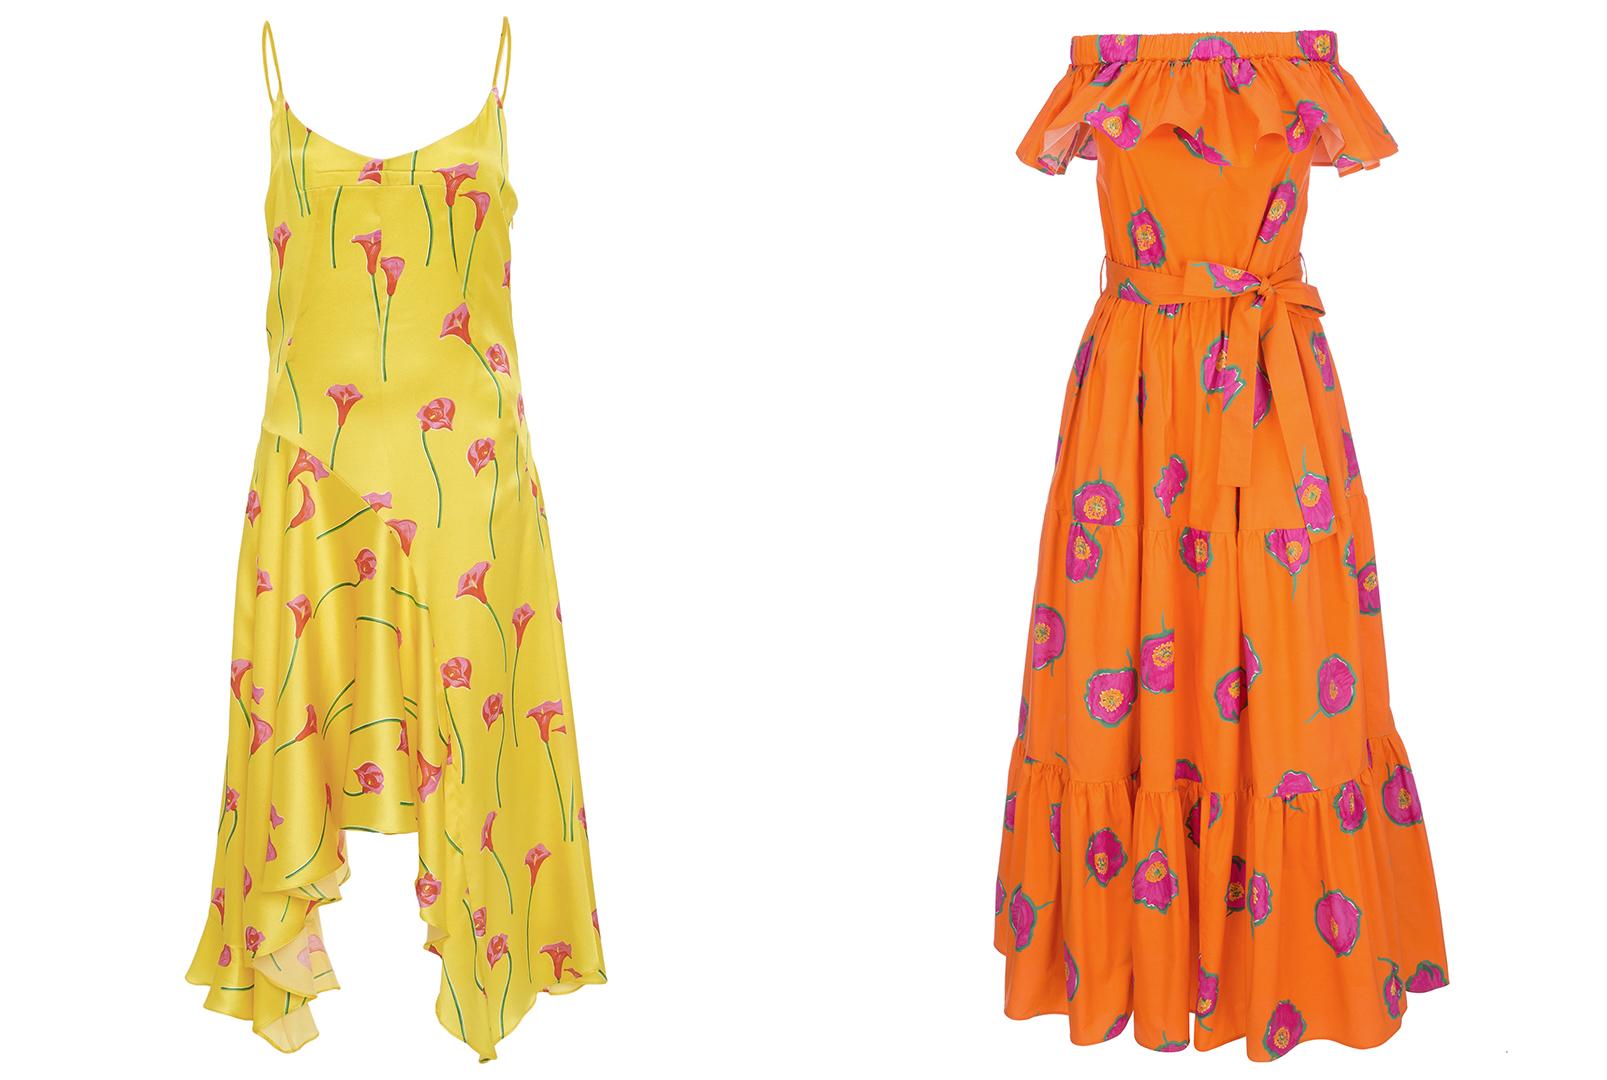 Dresses for Summer,Shop Summer Dresses,Summer Dresses,Summer Dresses,The Summer Dress,summer dresses,Summer Dresses,summer dresses,summer dresses,summer dresses,best summer dresses,Summer Dresses,best summer dresses,summer dresses,